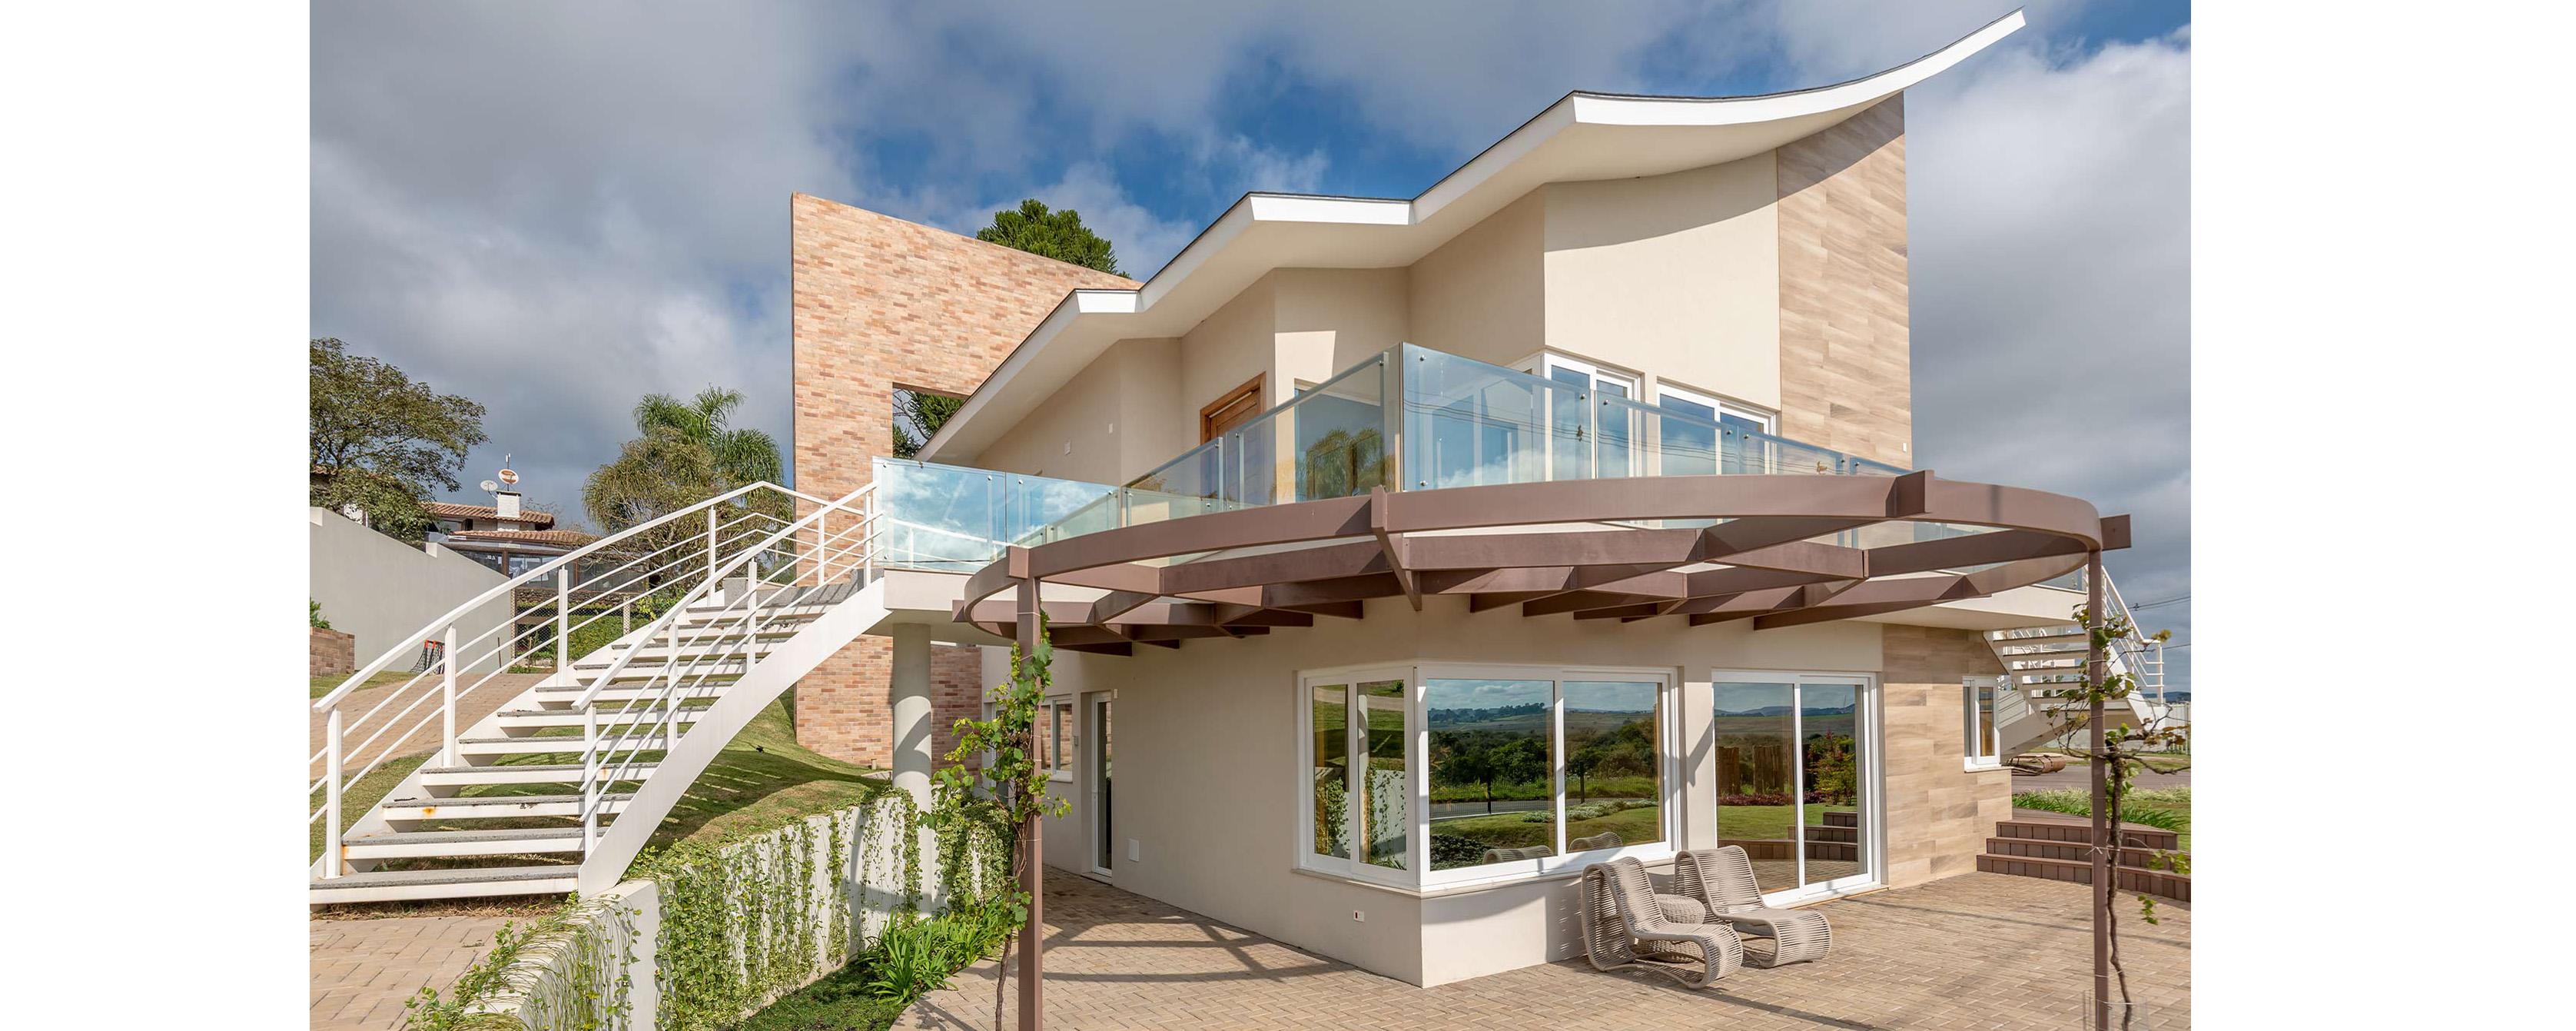 Casas sustentáveis com vidros de proteção solar